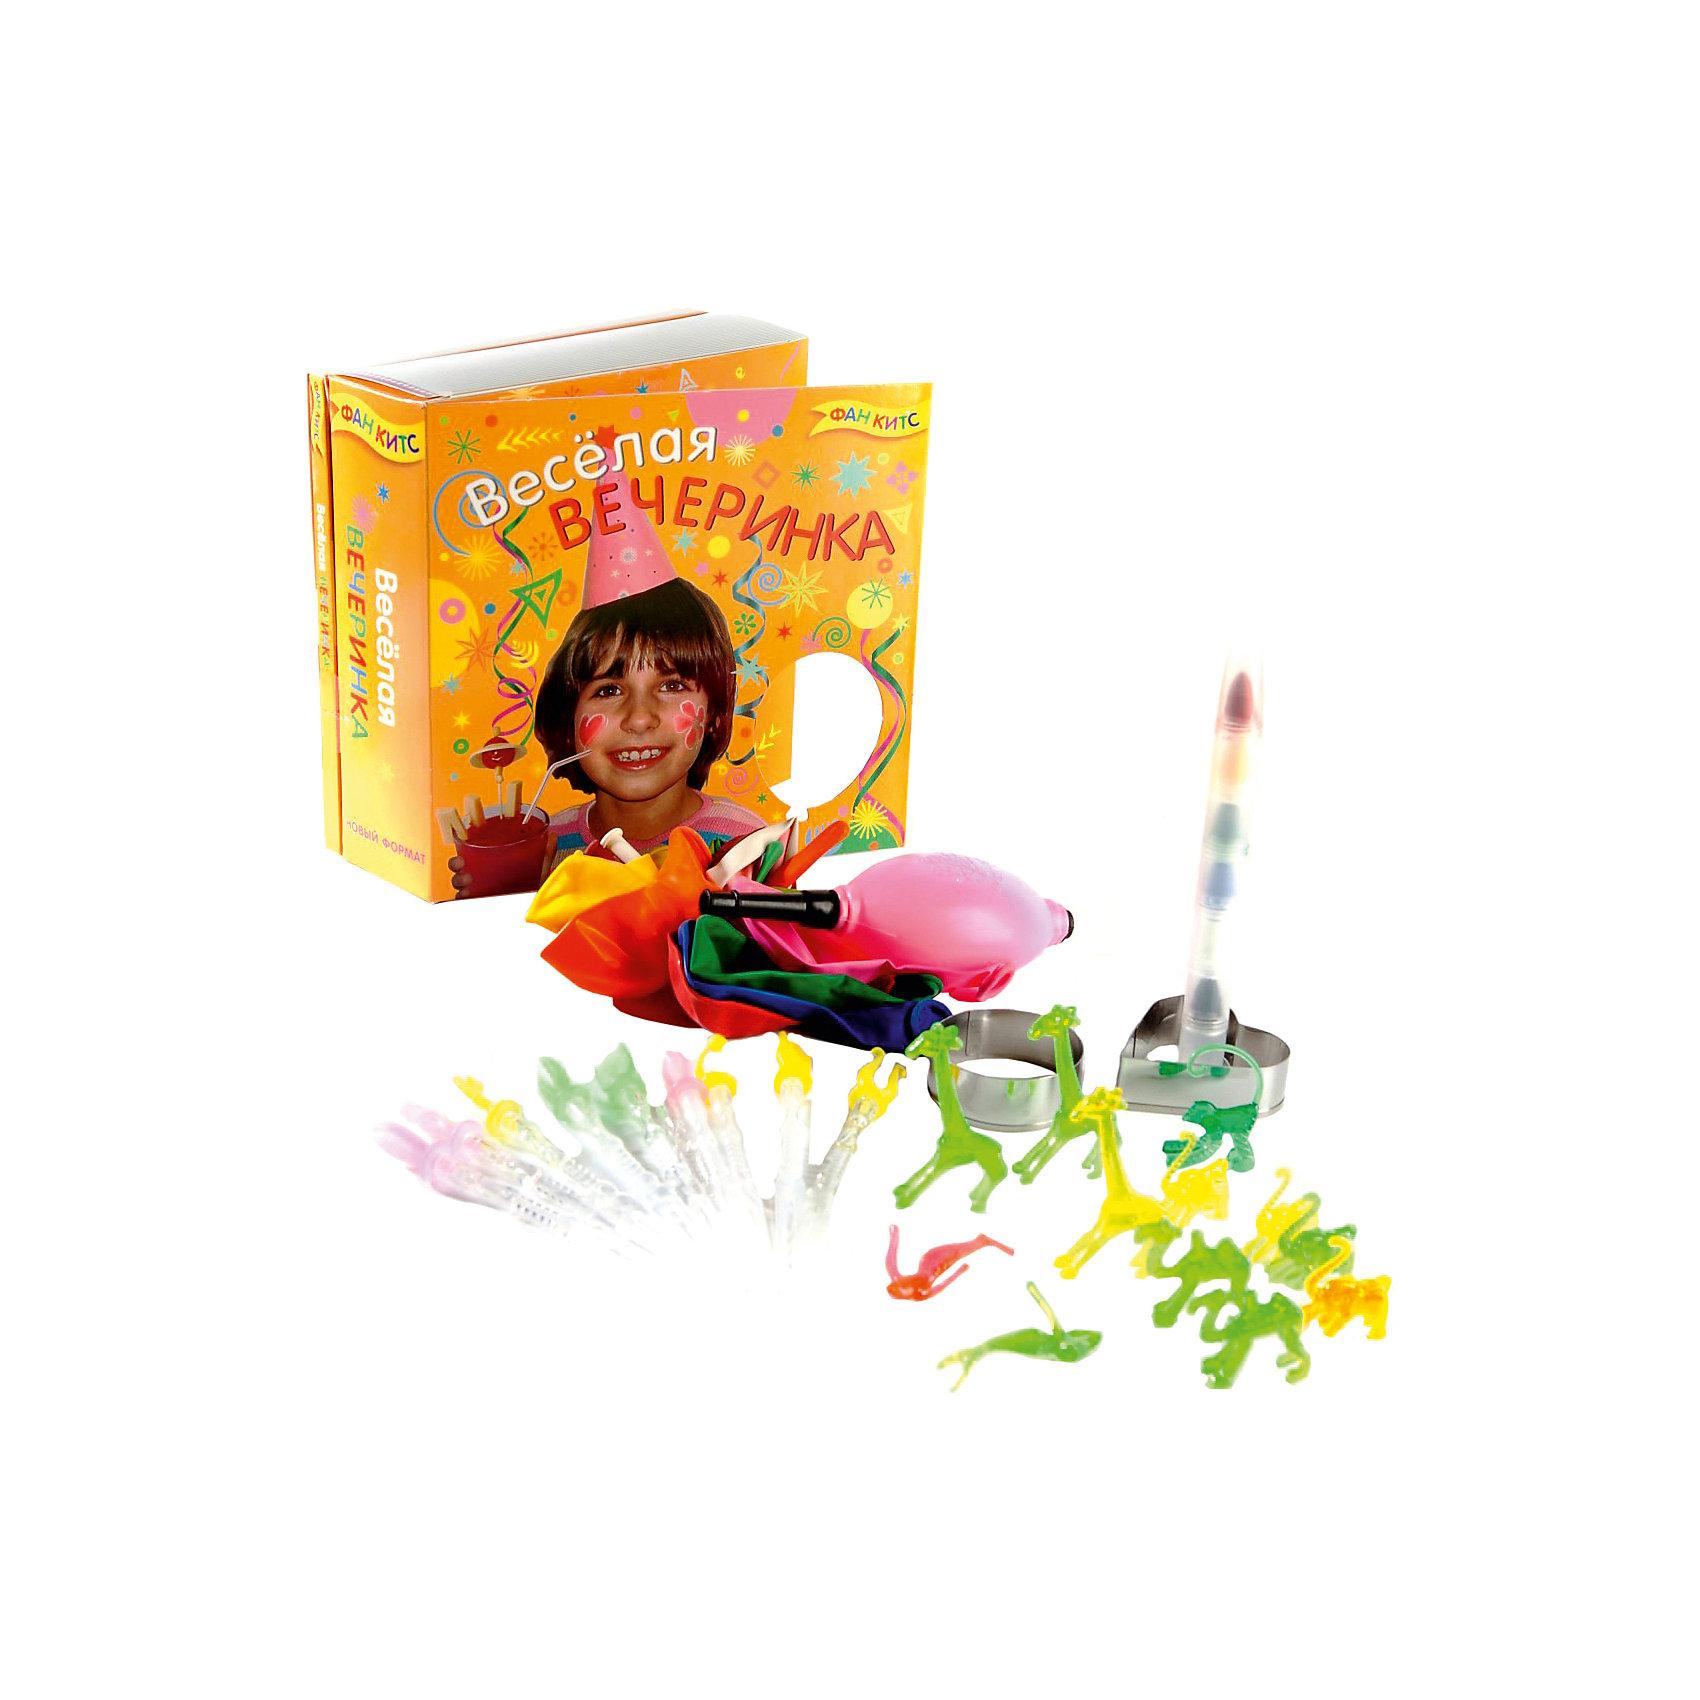 Набор детских развлечений Веселая вечеринкаНаборы для фокусов<br>Fun kits «Веселая вечеринка» - это незаменимый спутник каждой отличной вечеринки! <br>Набор Веселая вечеринка предлагает много интересных идей для проведения яркого праздника. Вам больше не придется ломать себе голову, чтобы развлечь малышей - каждому найдется интересное и веселое занятие по душе!<br><br>Дополнительная информация:<br>В набор входит: <br>- книга (48 страниц) с инструкциями и цветными иллюстрациями; <br>- краски для боди-арта; <br>- формочки и вилочки для канапе; <br>- фигурки на стаканы; <br>- шарики для моделирования; <br>- маленький насос. <br>Размер упаковки (д/ш/в): 170 х 62 х 170 мм<br><br>Немного фантазии и воображения, и Ваш праздник заиграет новыми красками!<br><br>Ширина мм: 170<br>Глубина мм: 62<br>Высота мм: 170<br>Вес г: 500<br>Возраст от месяцев: 72<br>Возраст до месяцев: 144<br>Пол: Унисекс<br>Возраст: Детский<br>SKU: 2358157